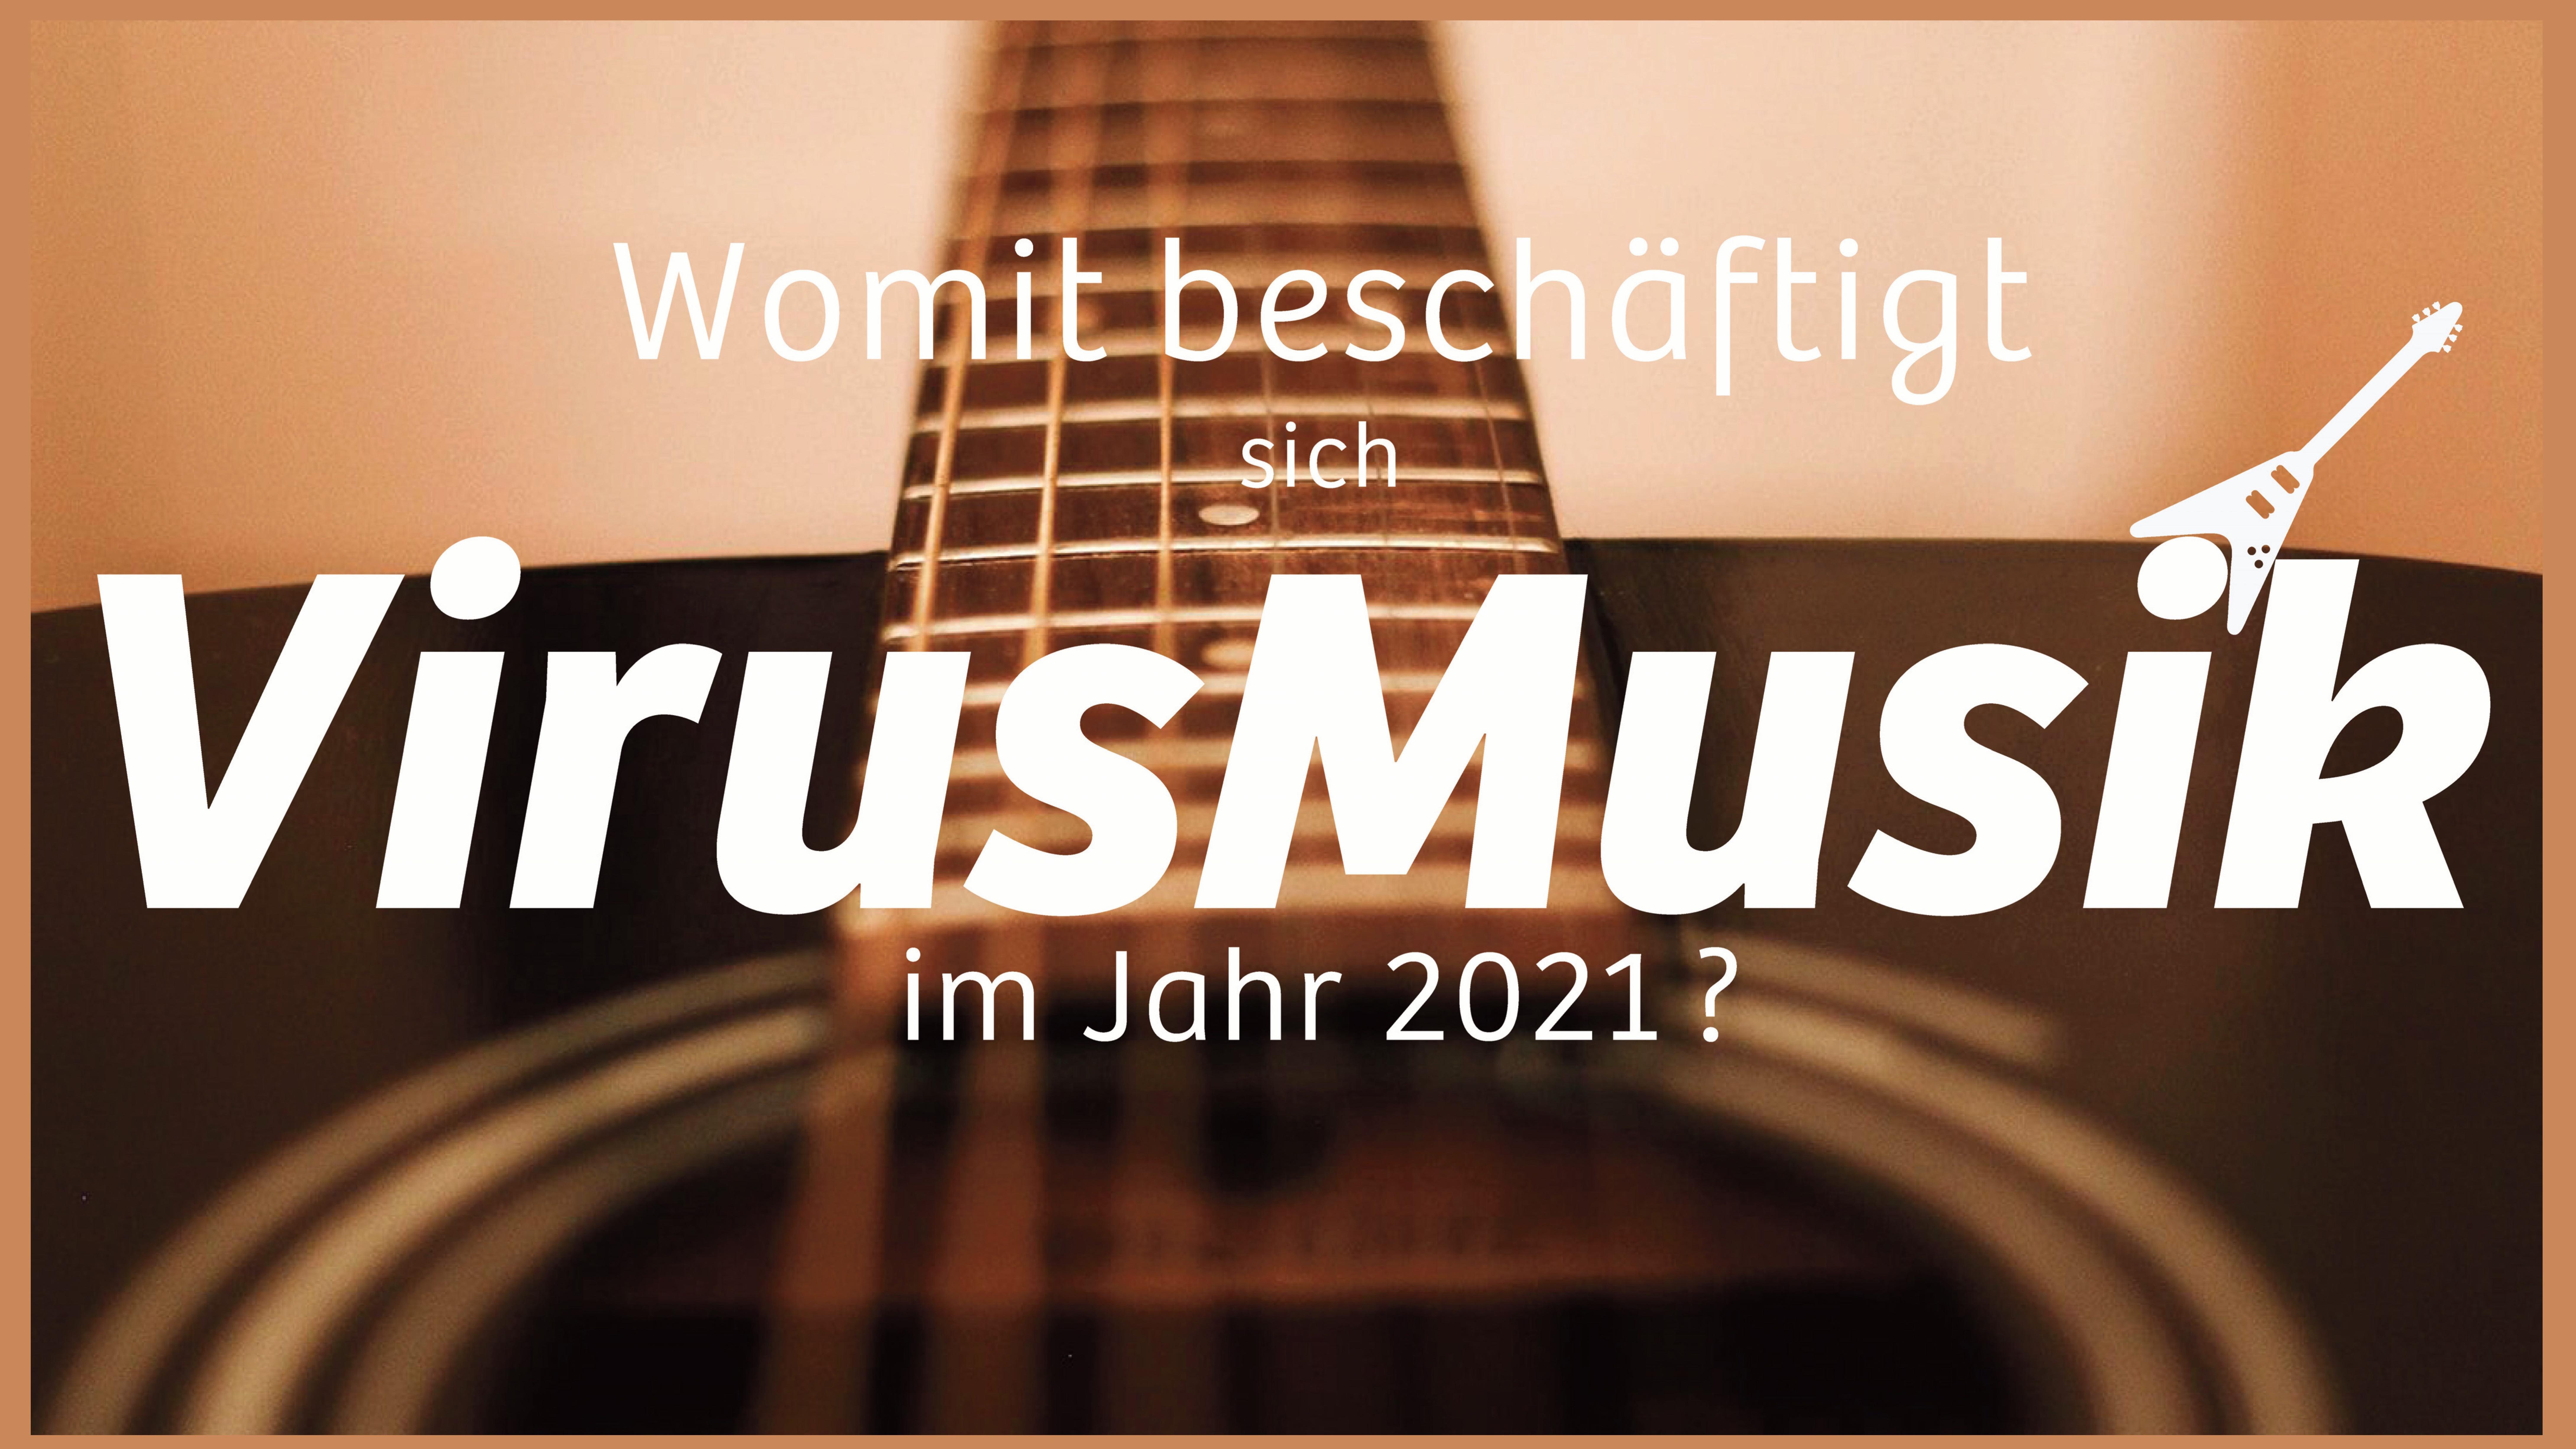 Womit beschäftigt sich die Frankfurter Musikinitiative VirusMusik im Jahr 2021?